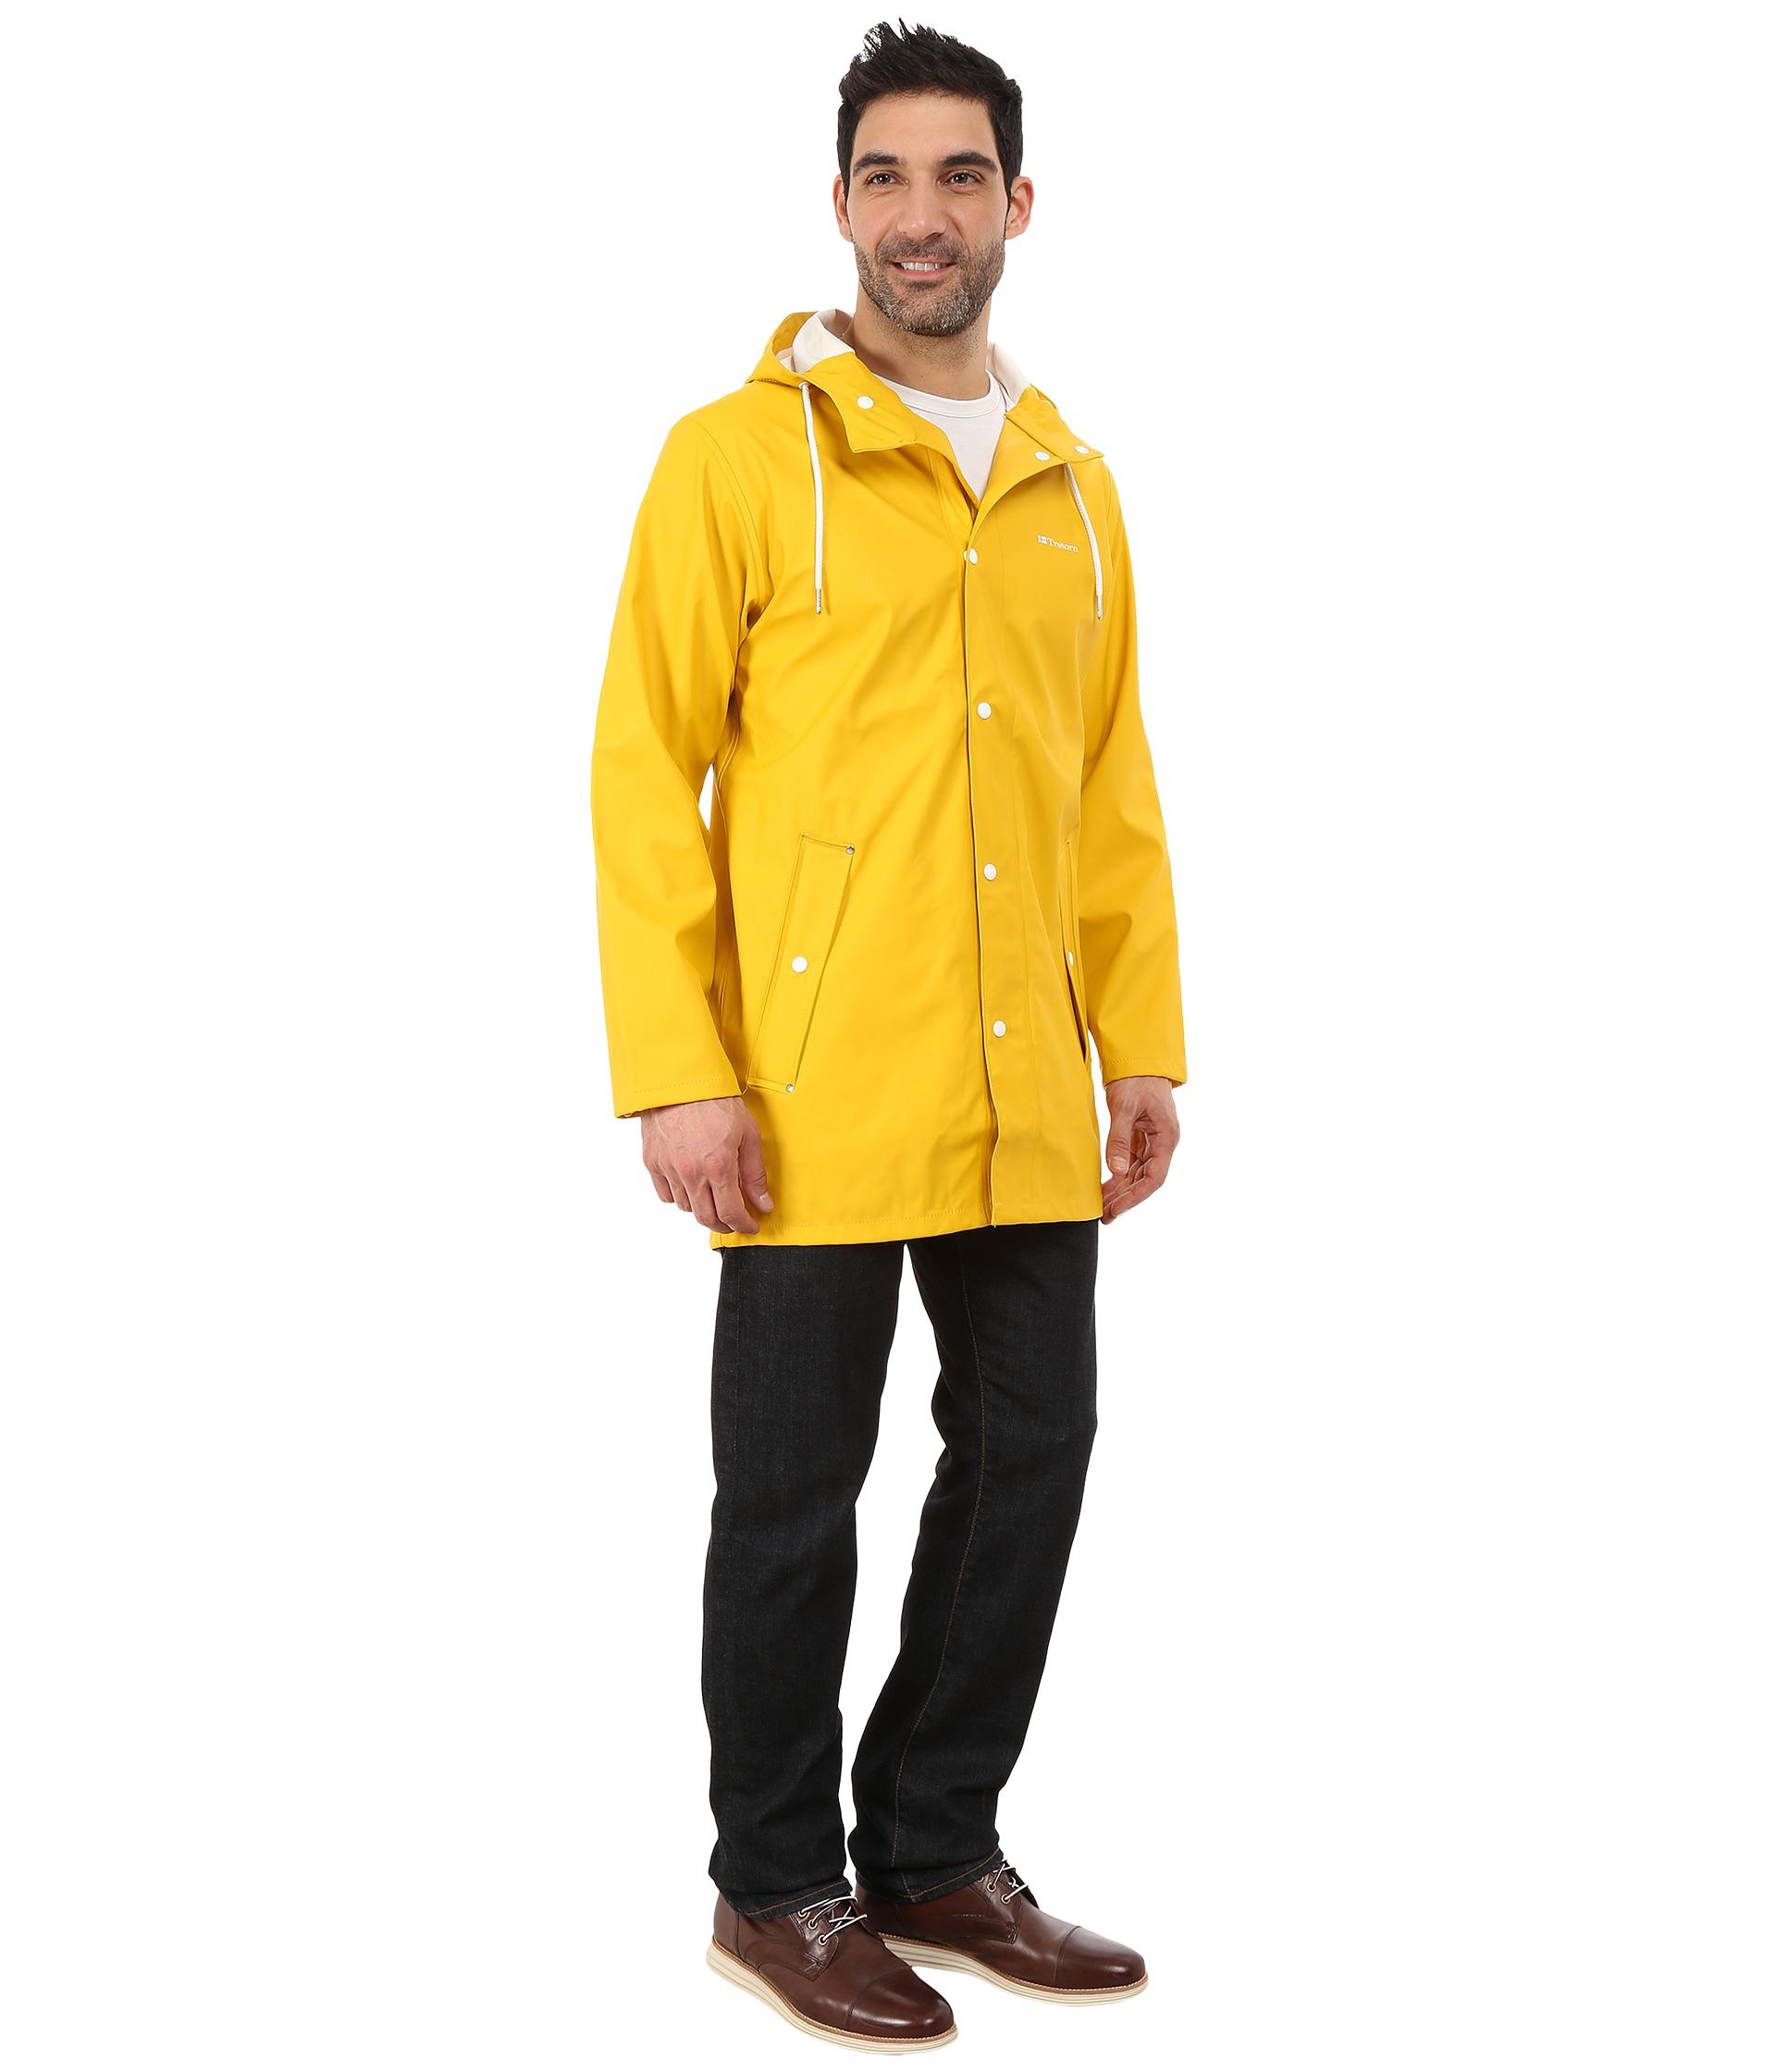 615e9198 Tretorn Wings Rain Jacket in Yellow for Men - Lyst